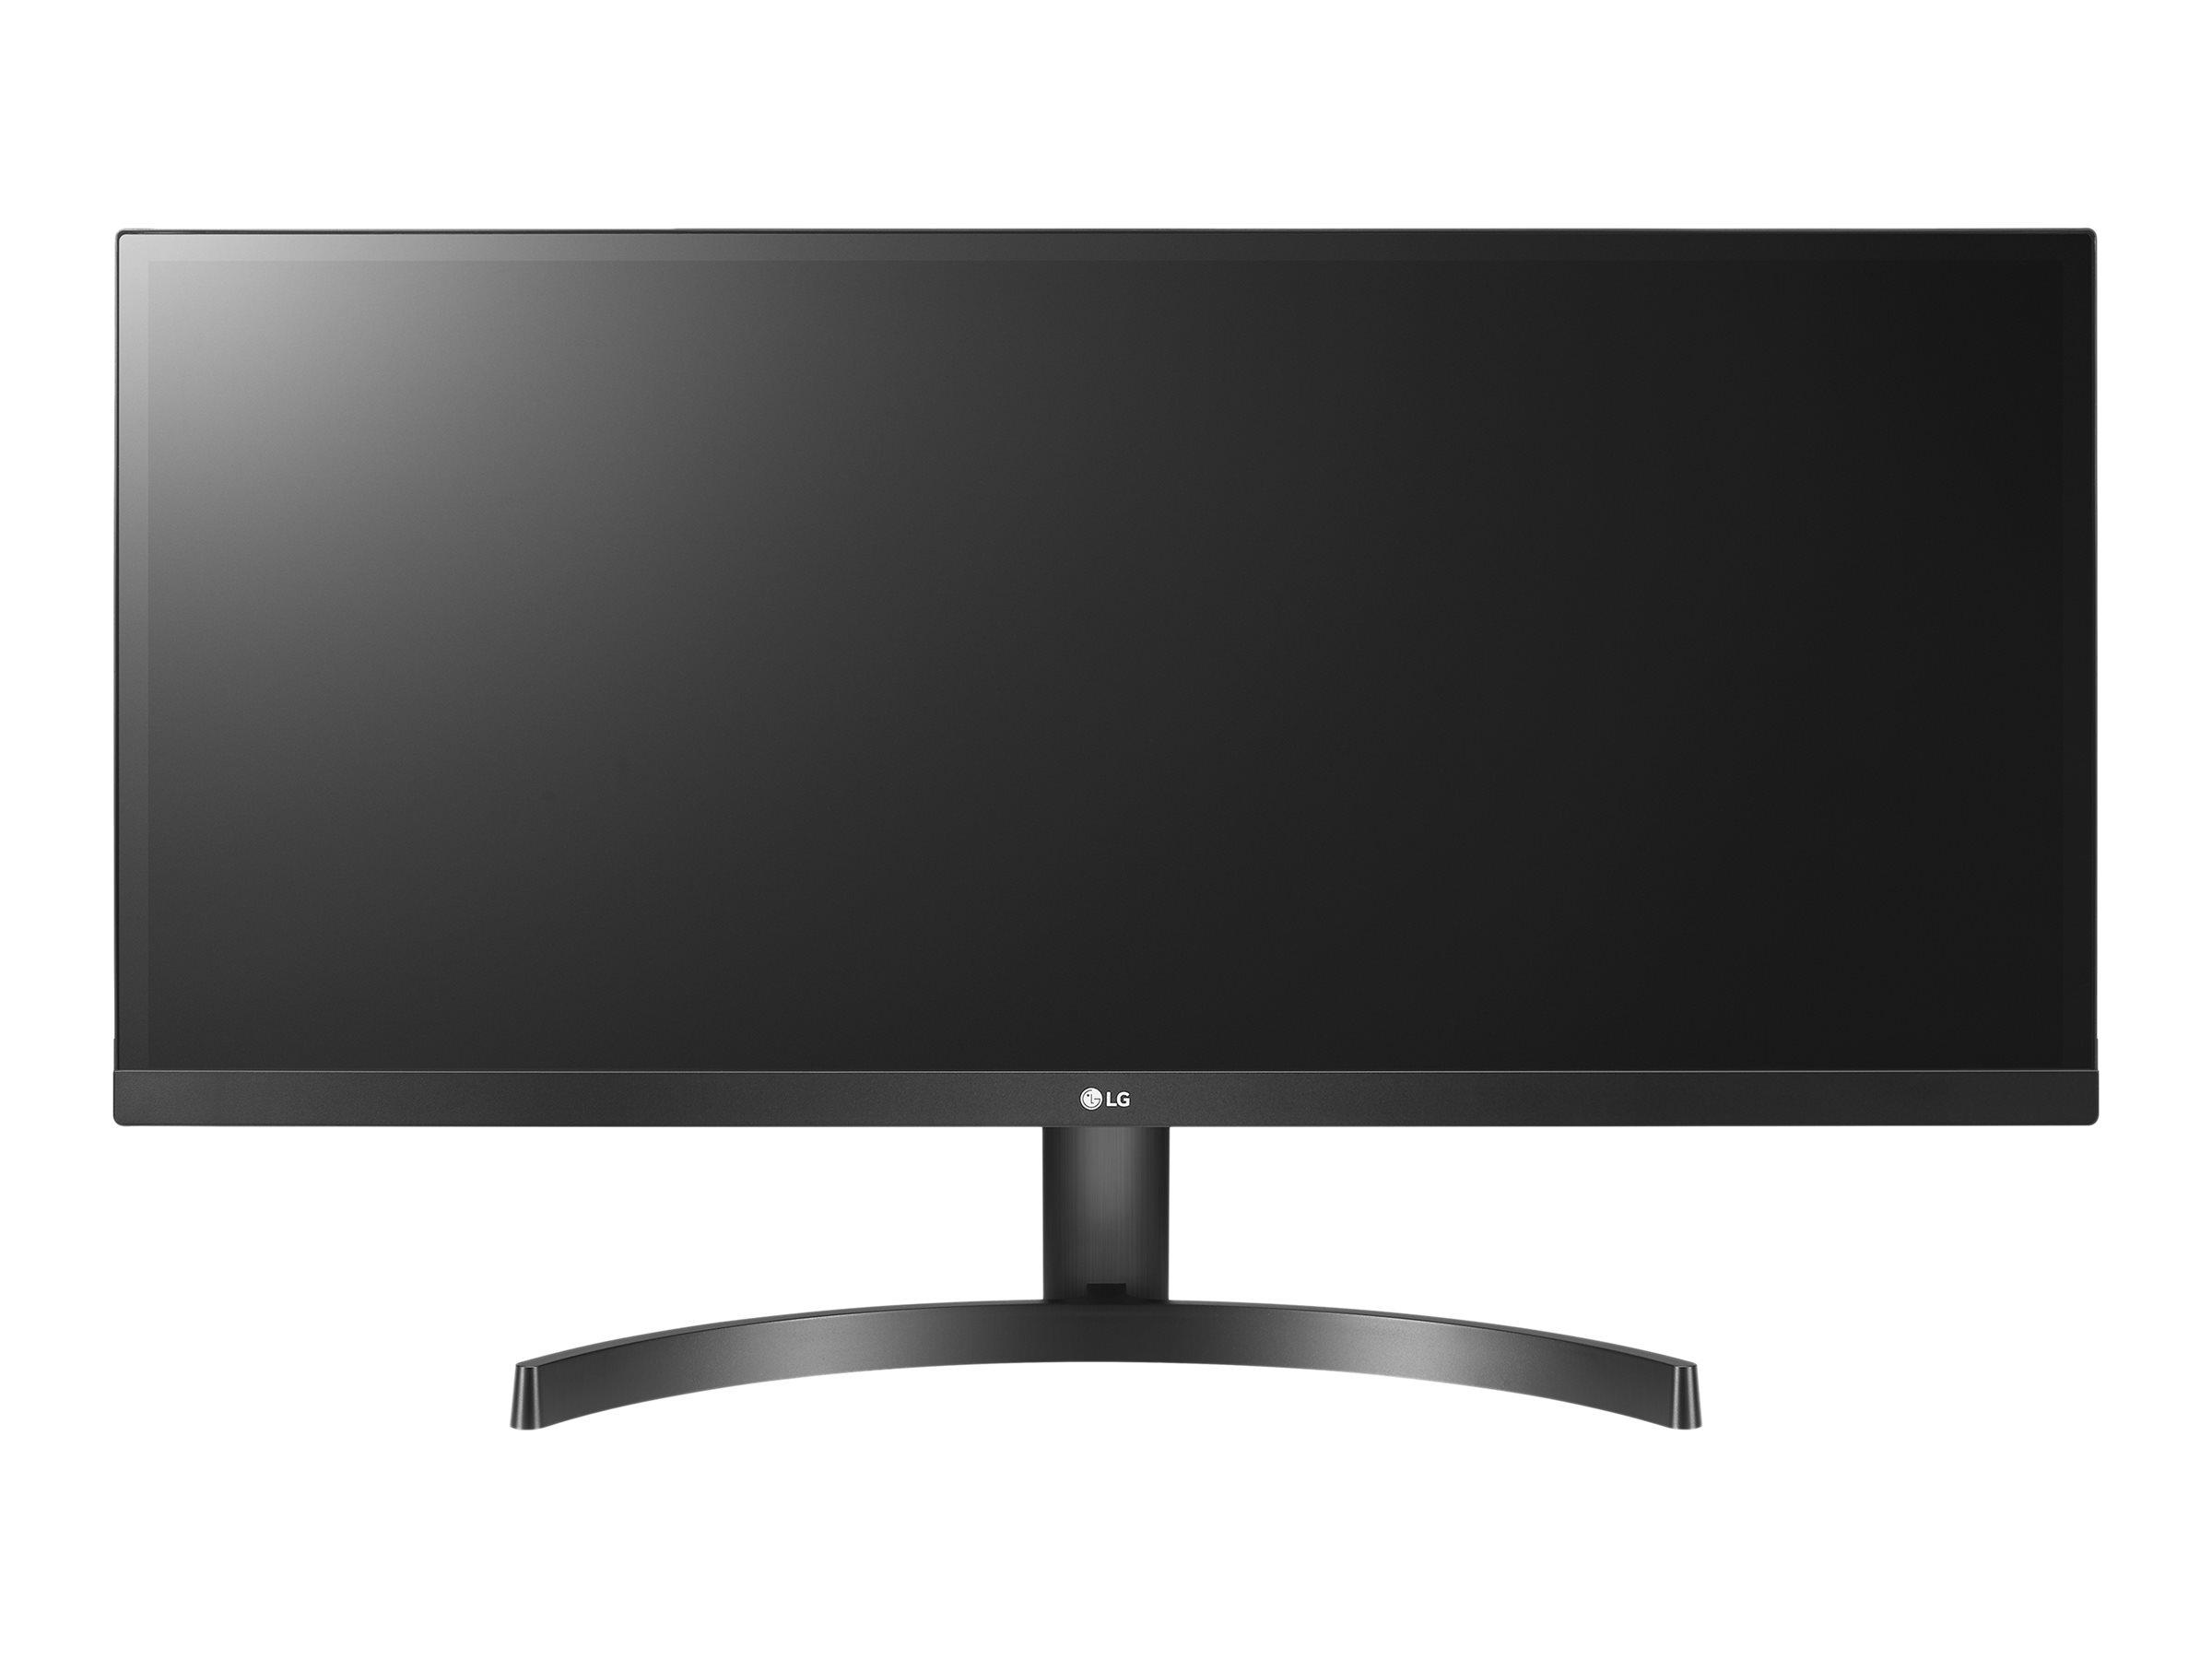 LG 34WL500-B - LED-Monitor - 87 cm (34